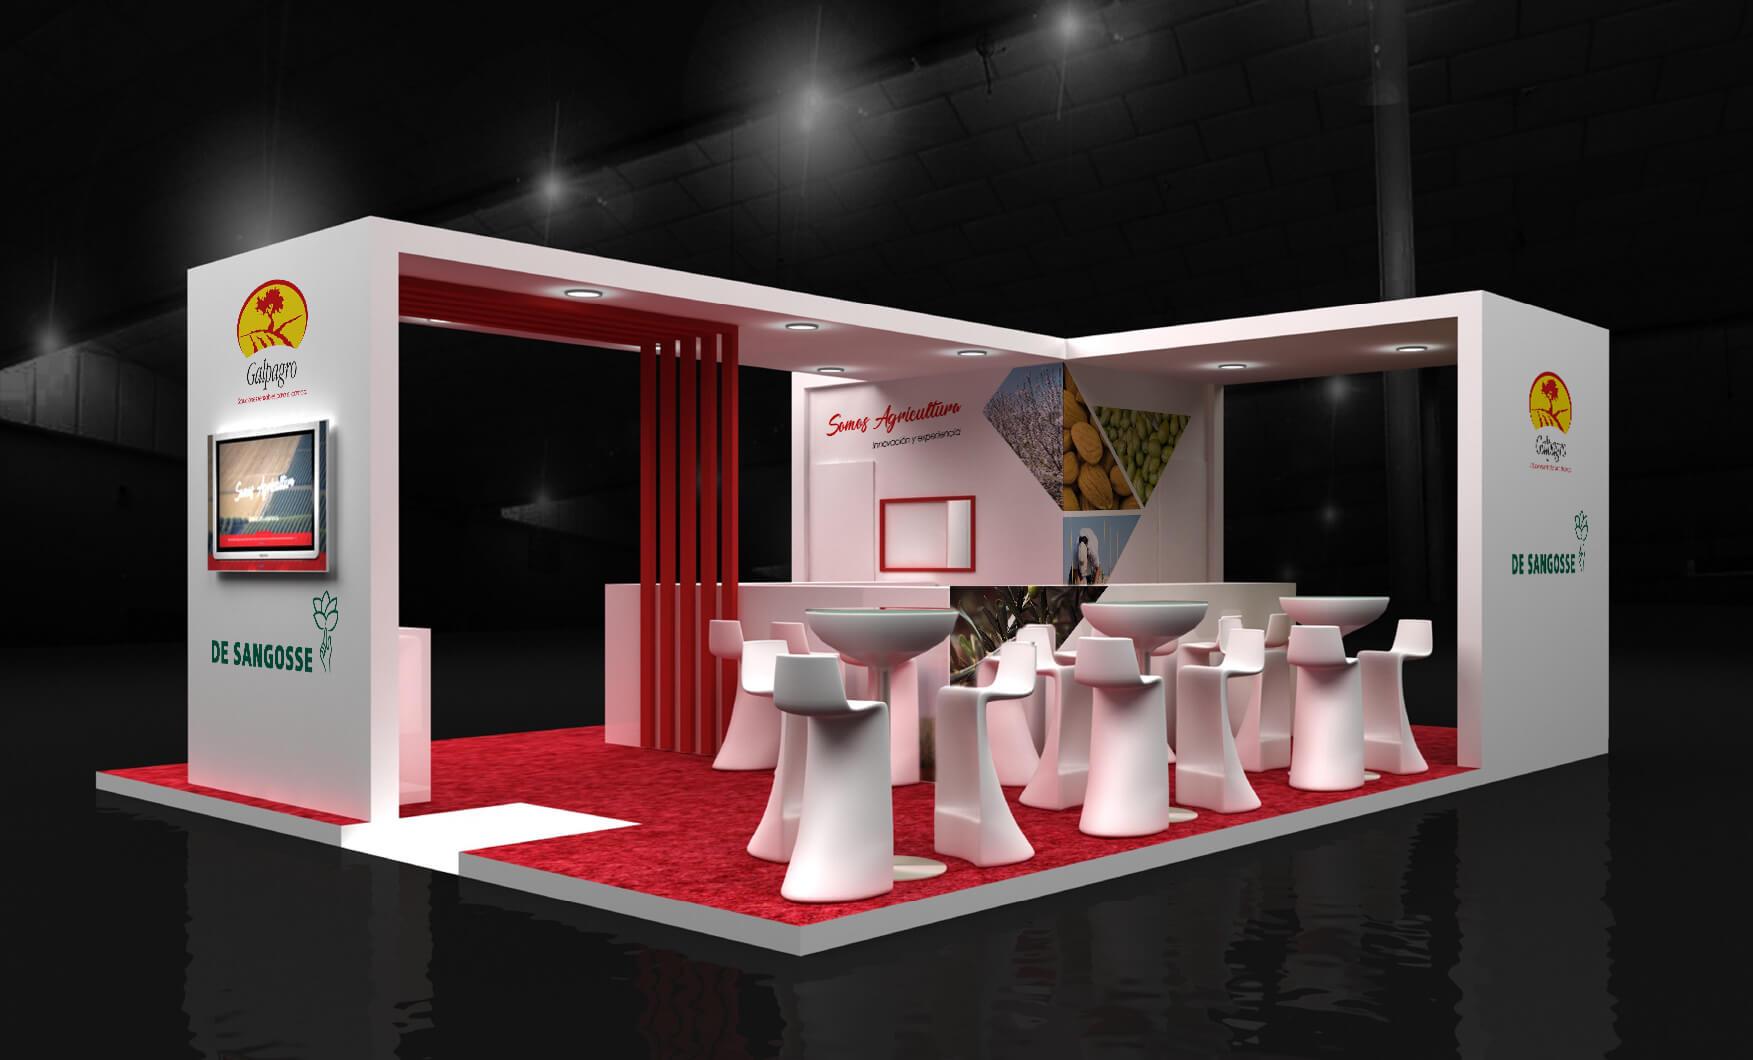 Galpagro, patrocinador de Expoliva 2019, y De Sangosse compartirán stand durante la próxima edición